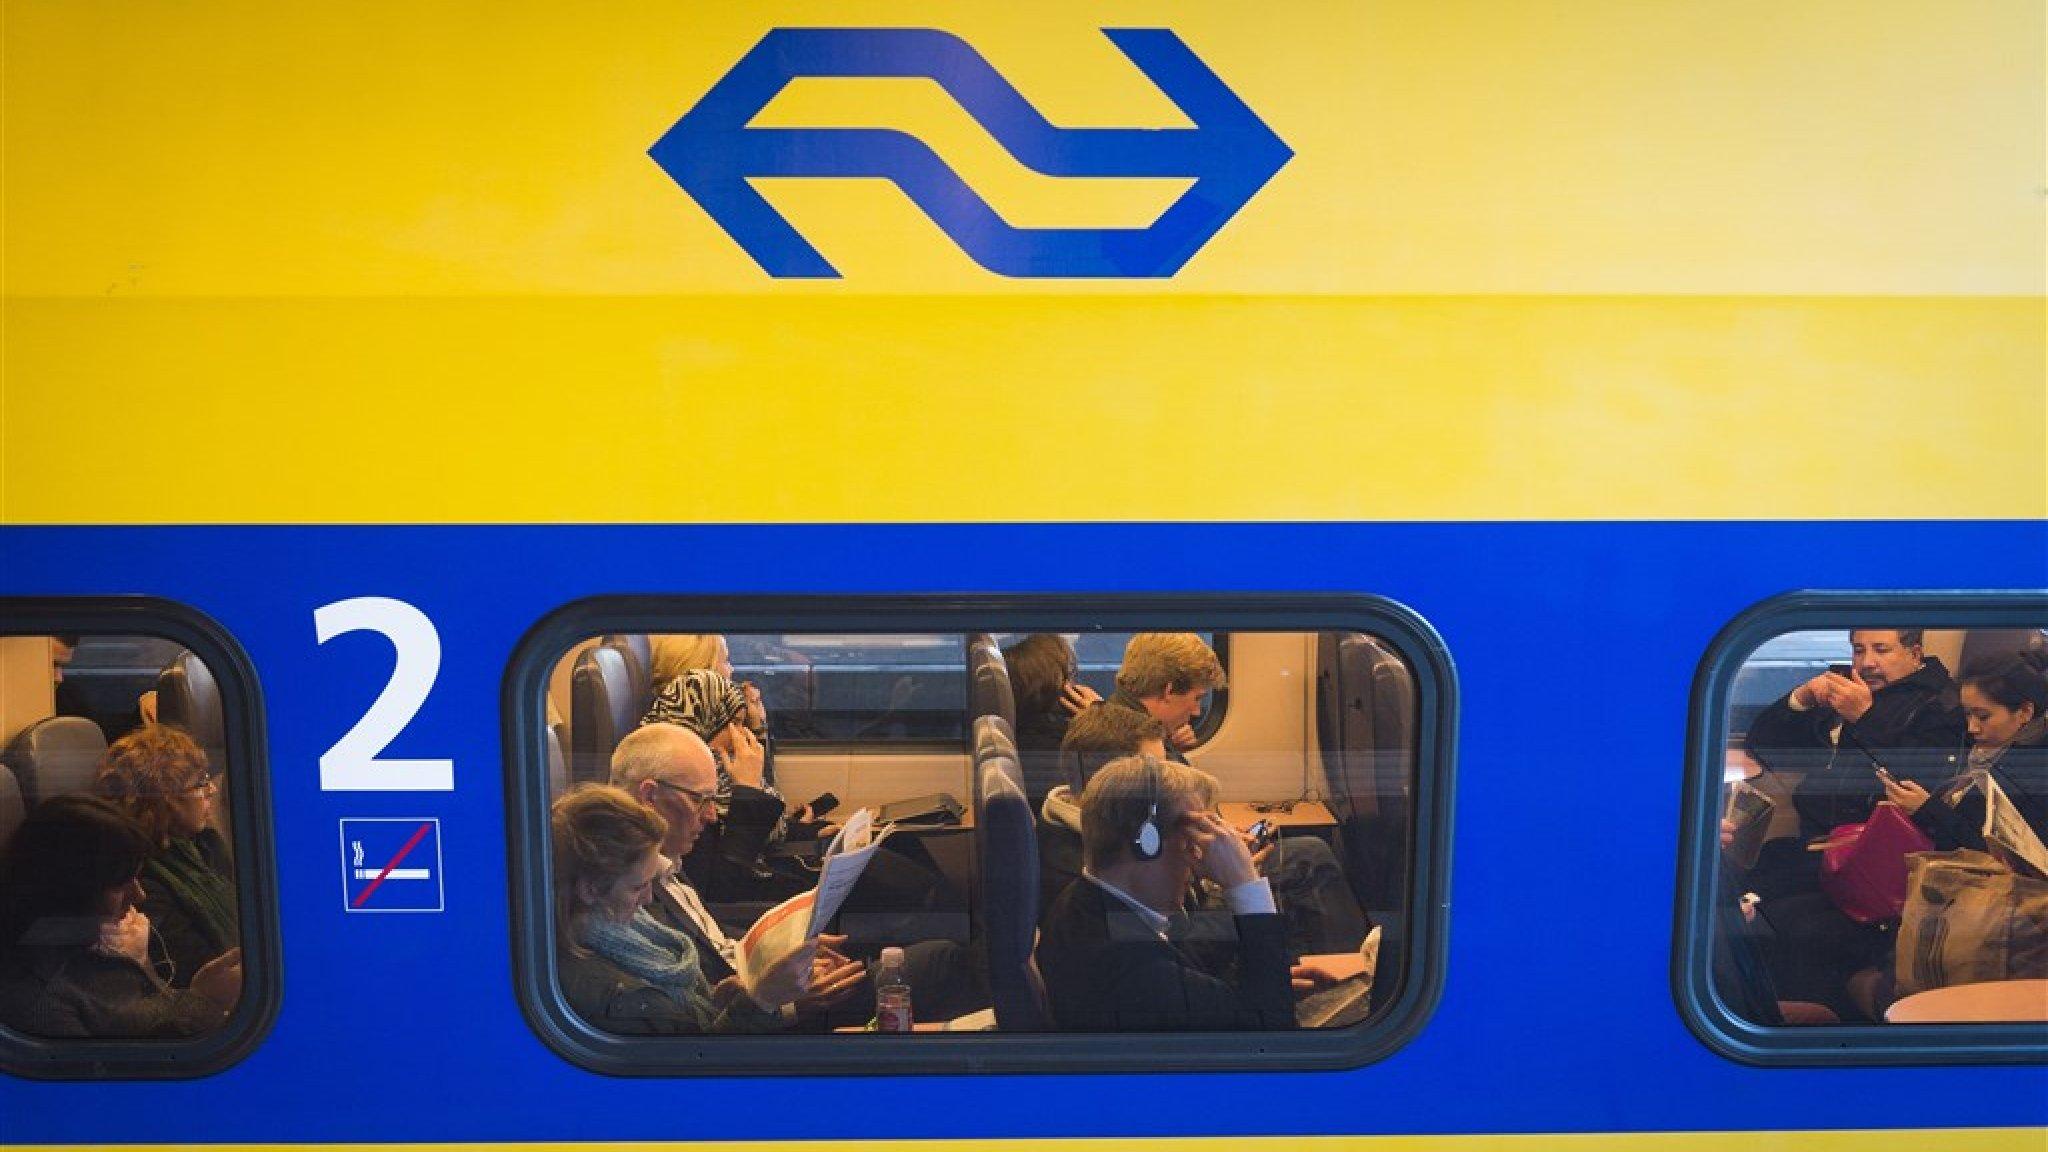 ns start met reclames in de trein maar je kaartje wordt